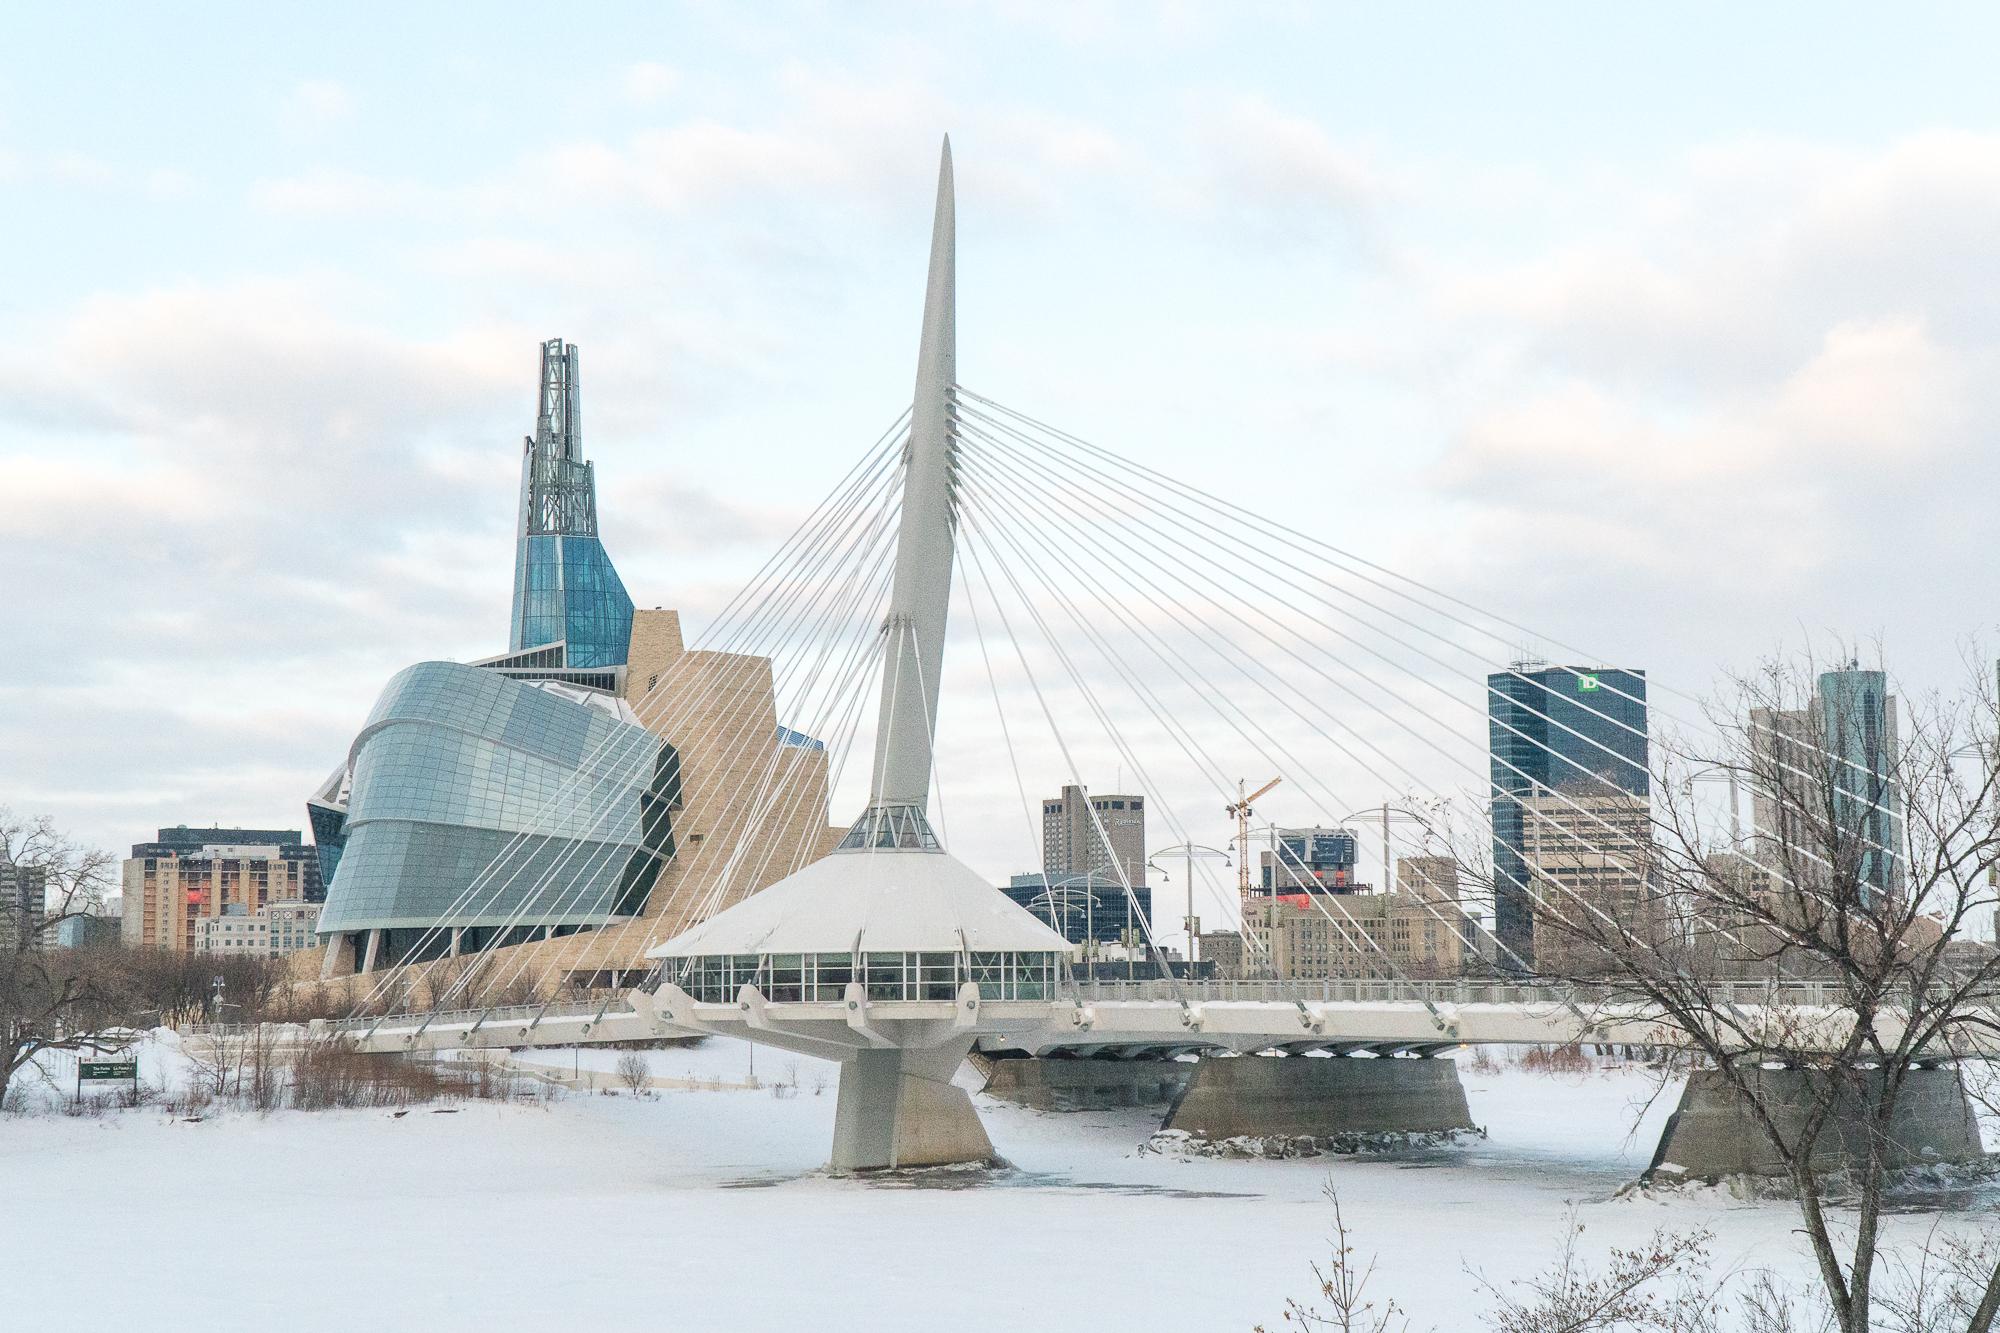 Vue du pont de Winnipeg et musée des droits de la personne